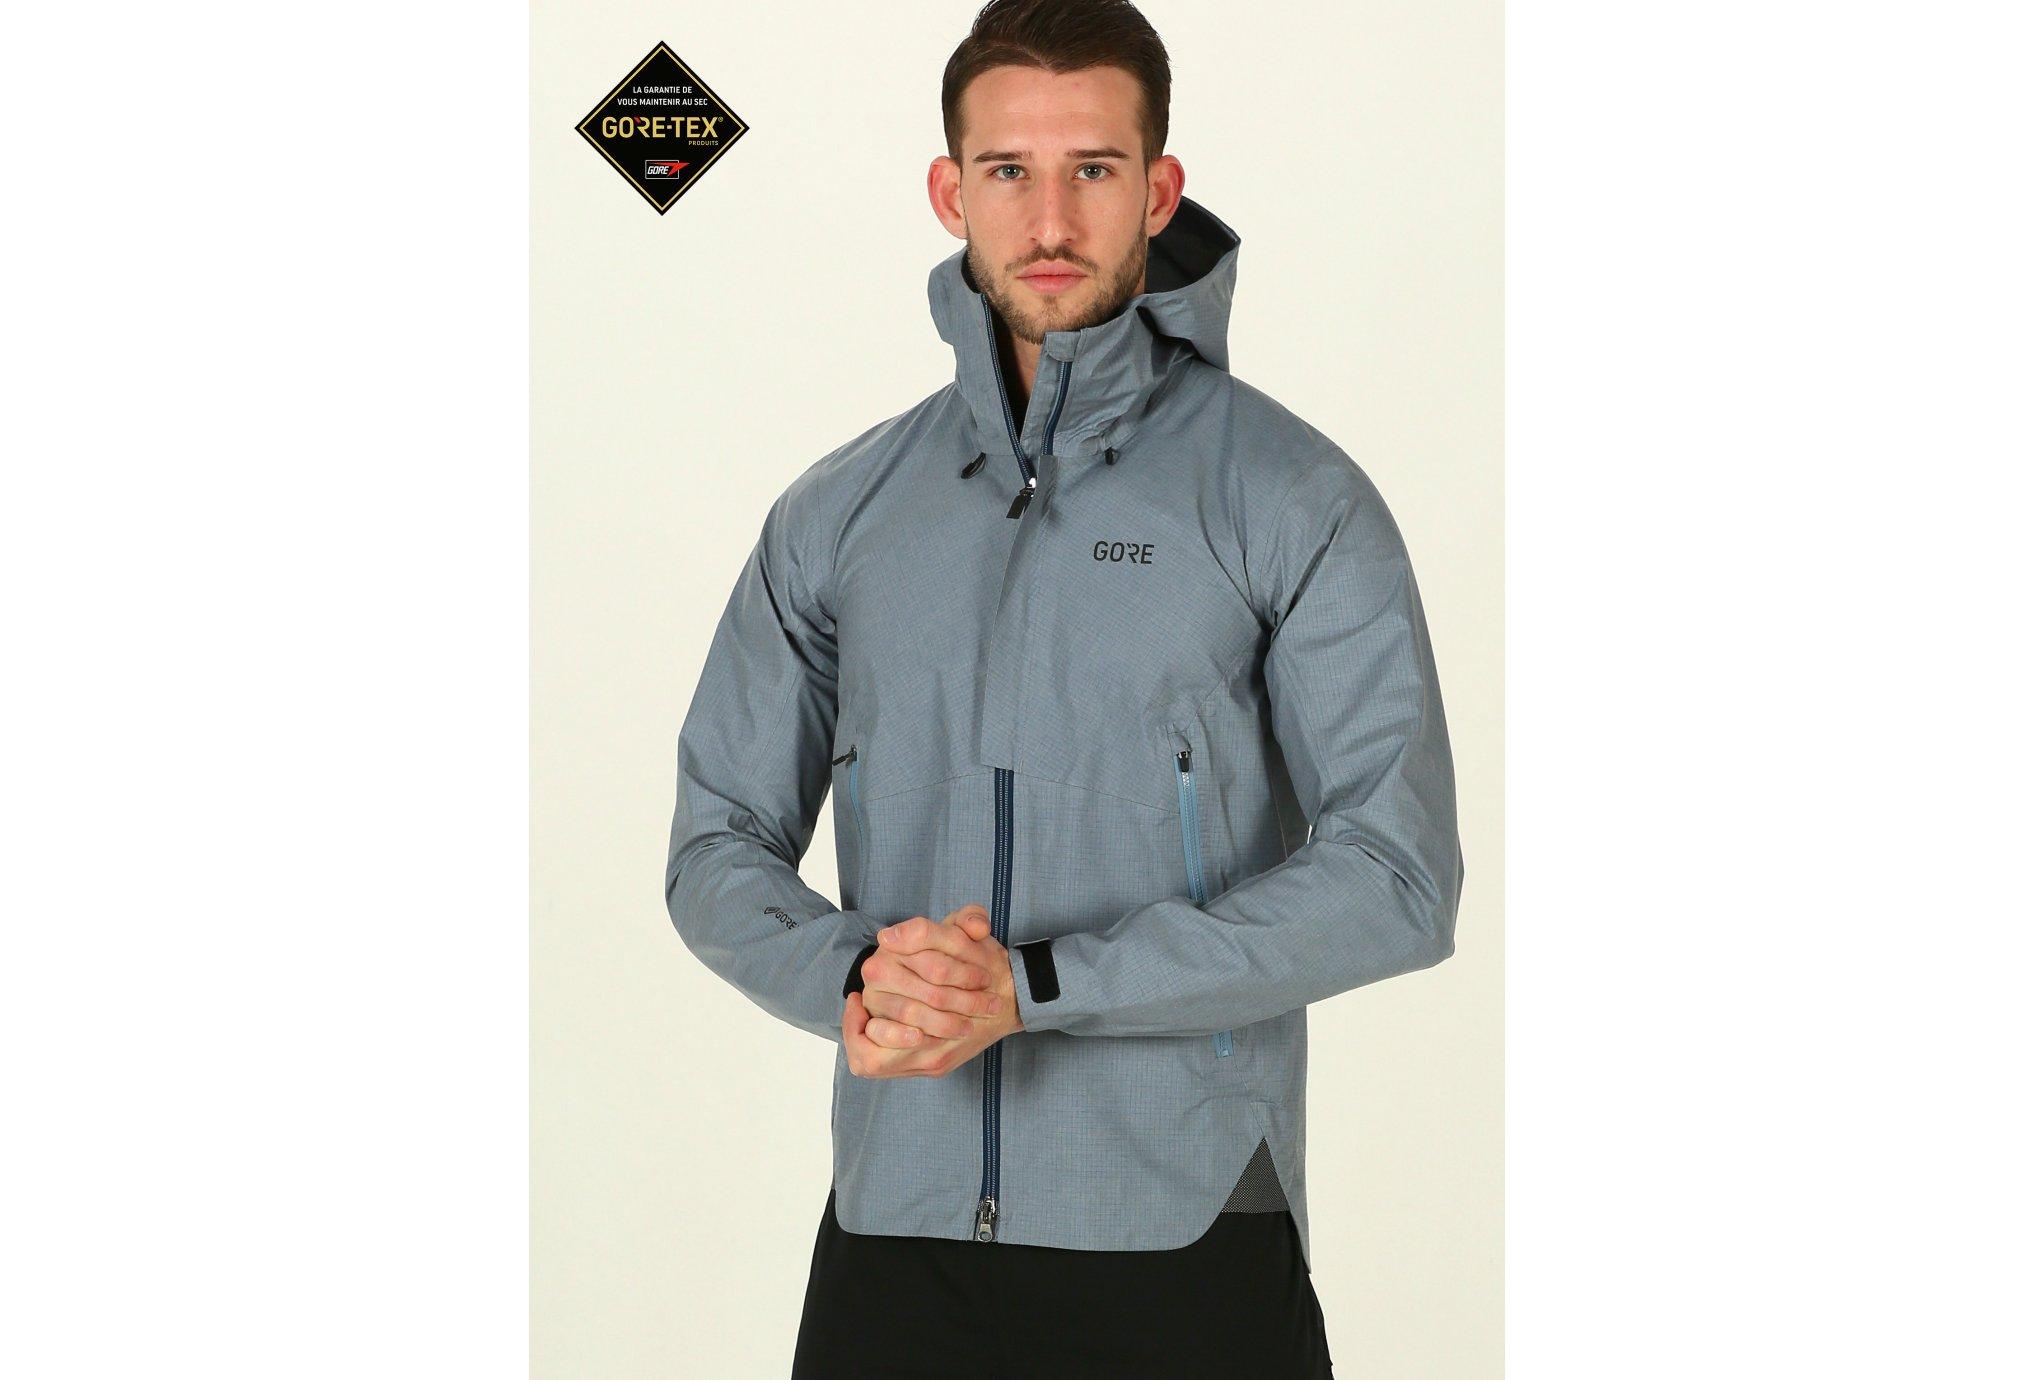 Gore Wear H5 Gore-Tex Active M Diététique Vêtements homme